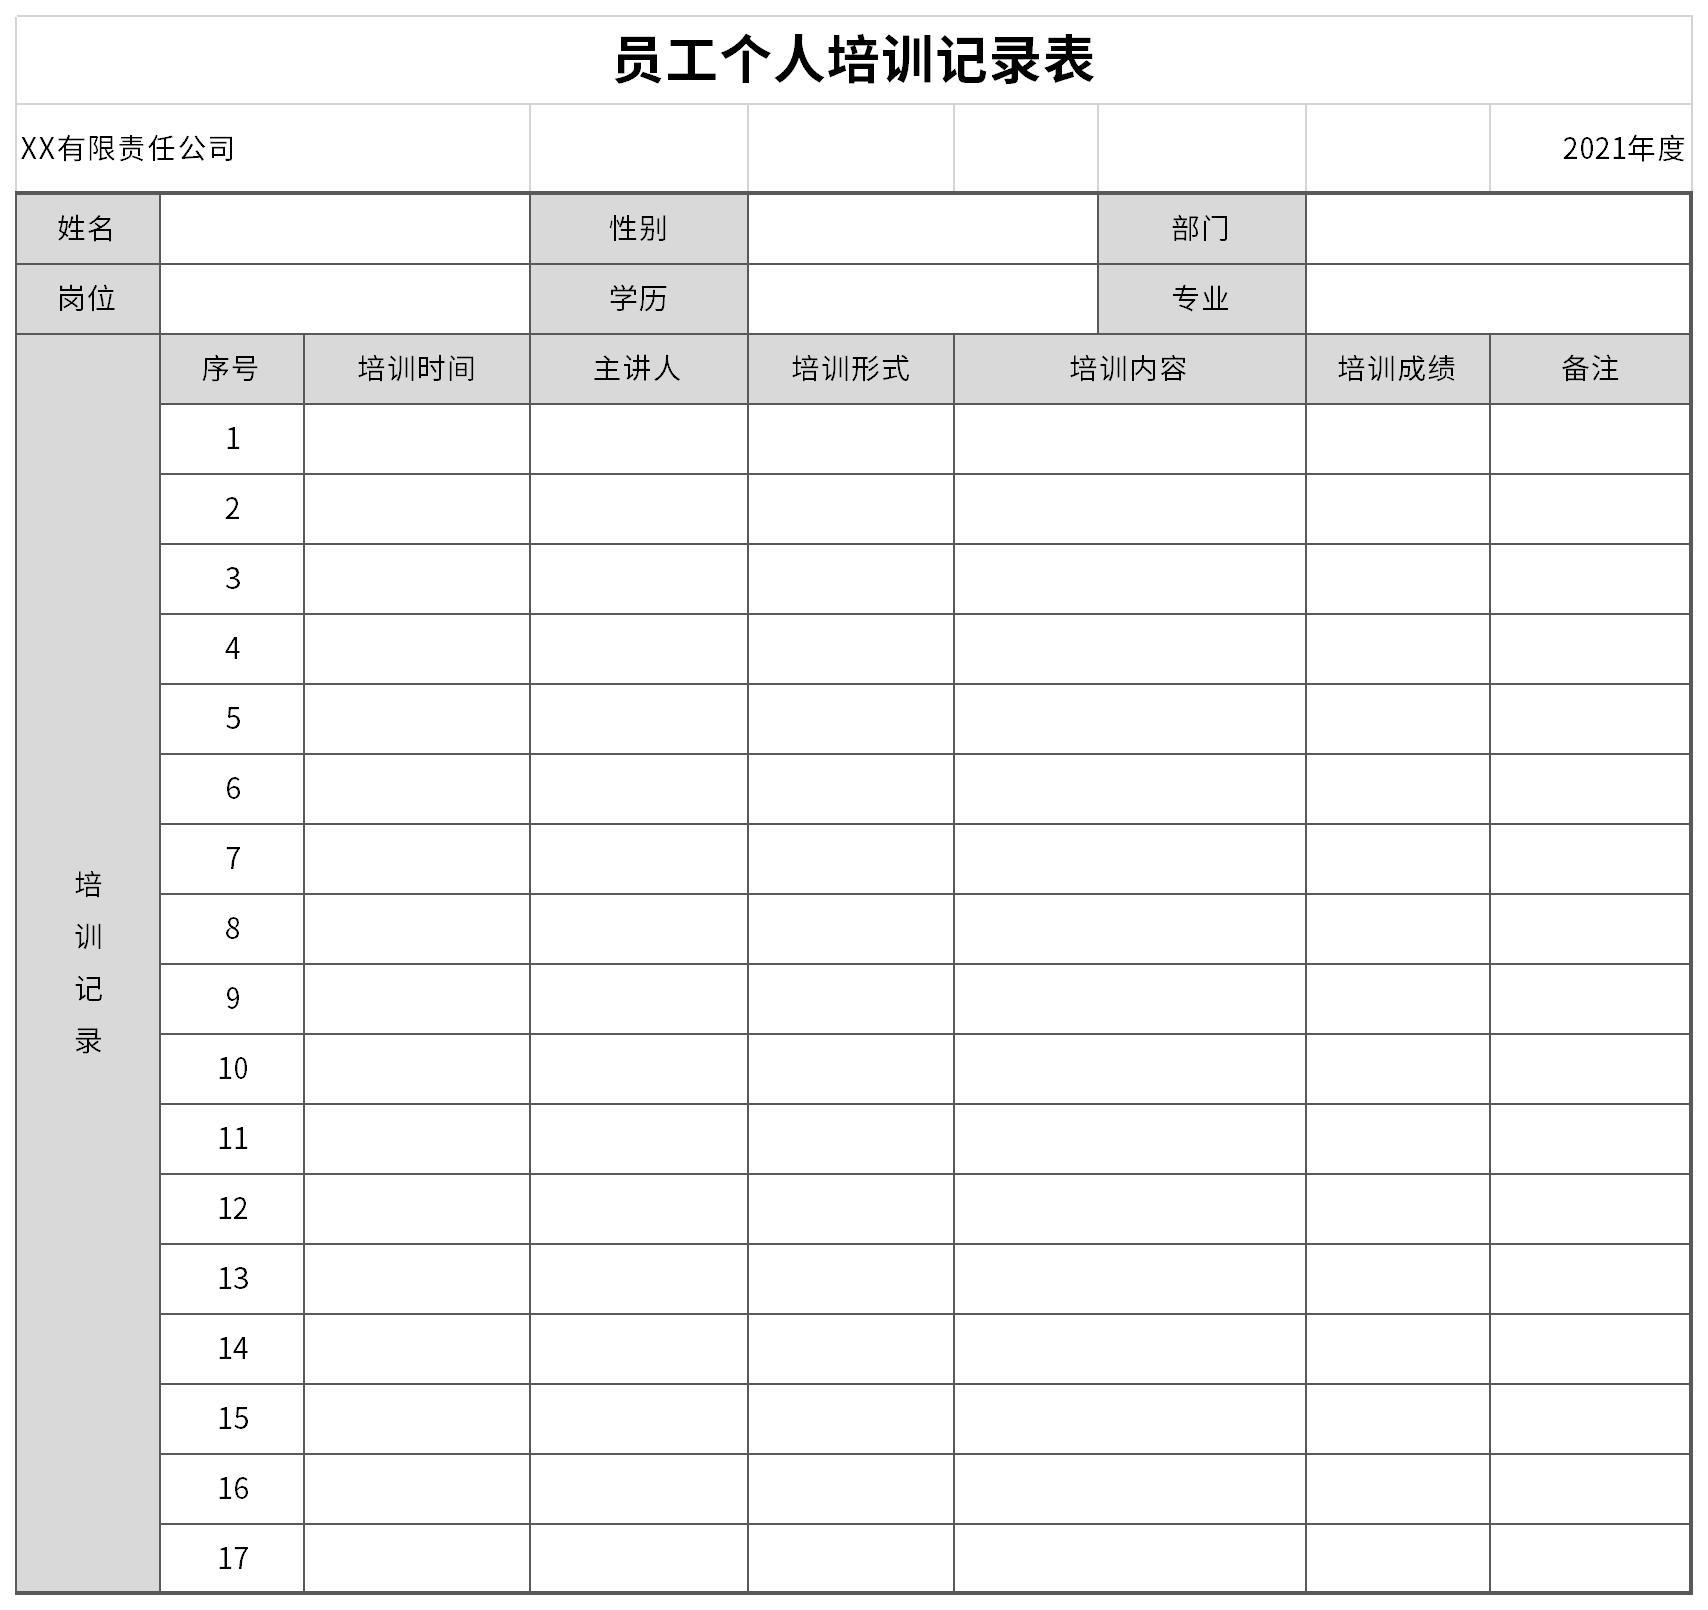 员工个人培训记录表截图